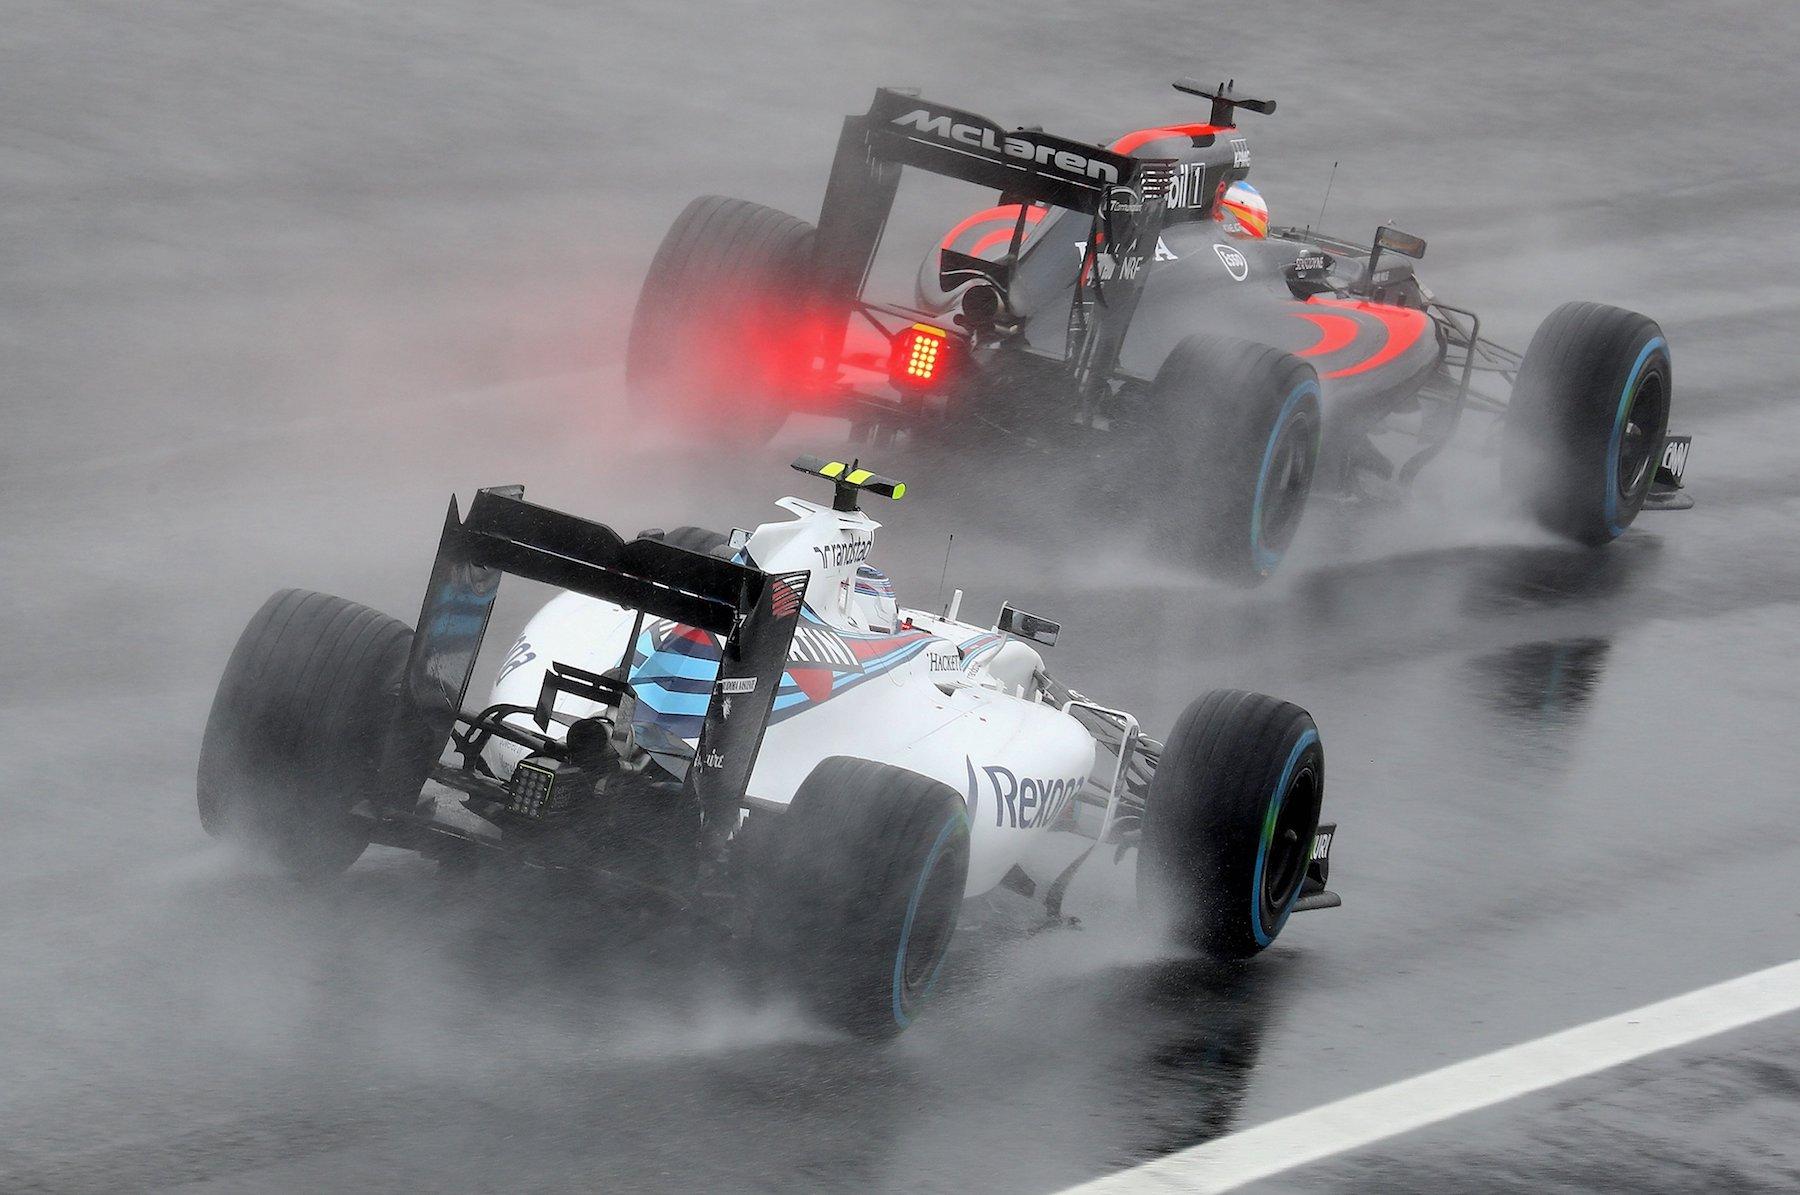 Salracing - Massa chasing Alonso